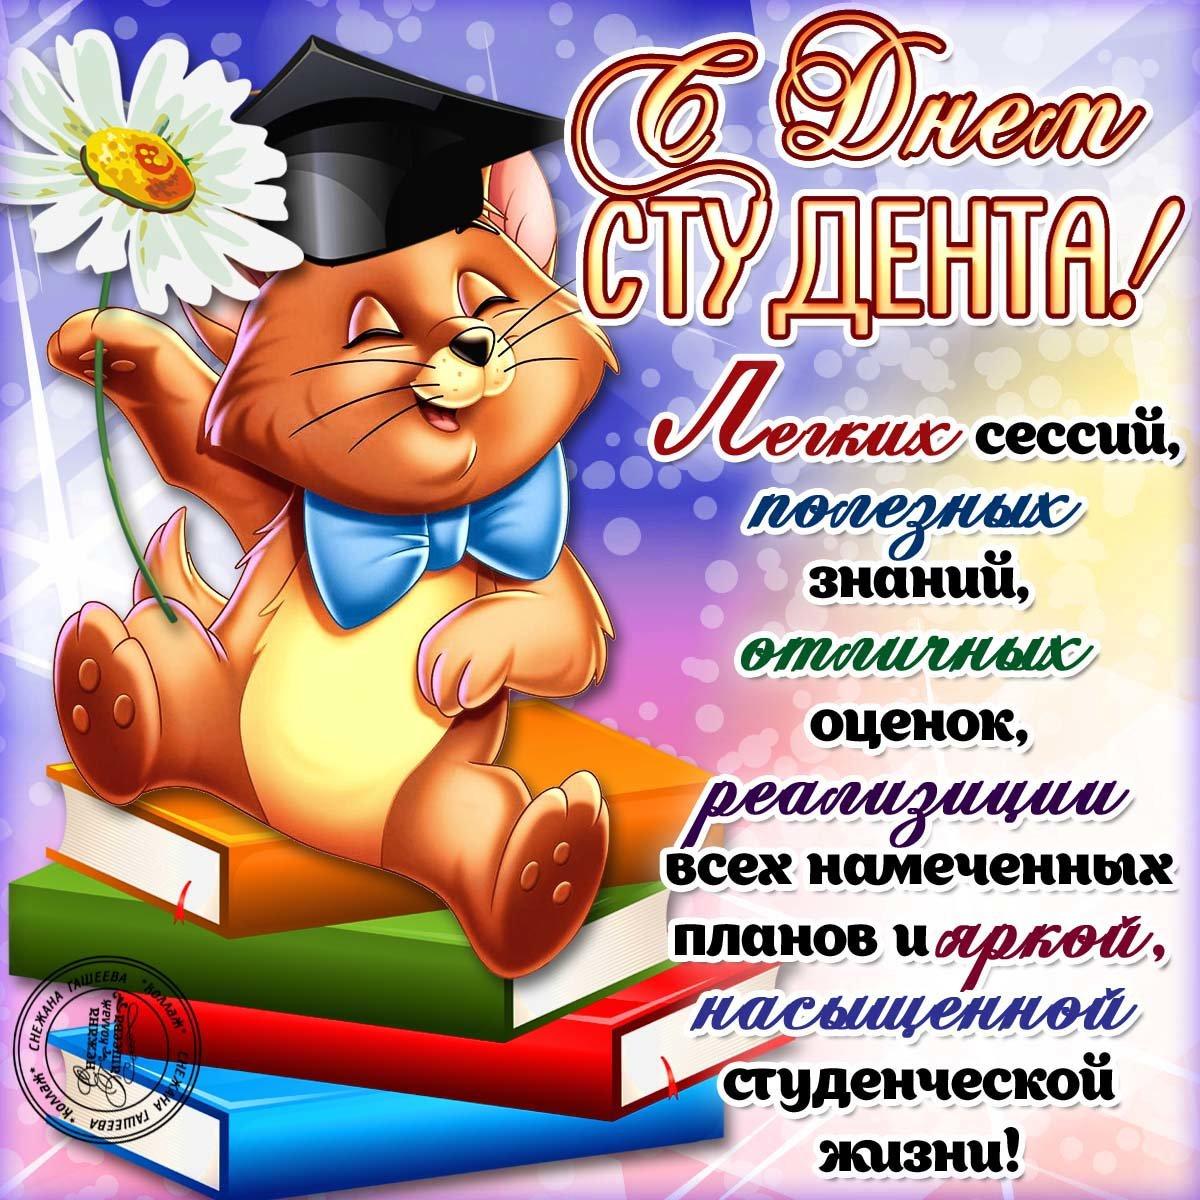 Днем рождения, поздравления с днем студента 25 января открытка